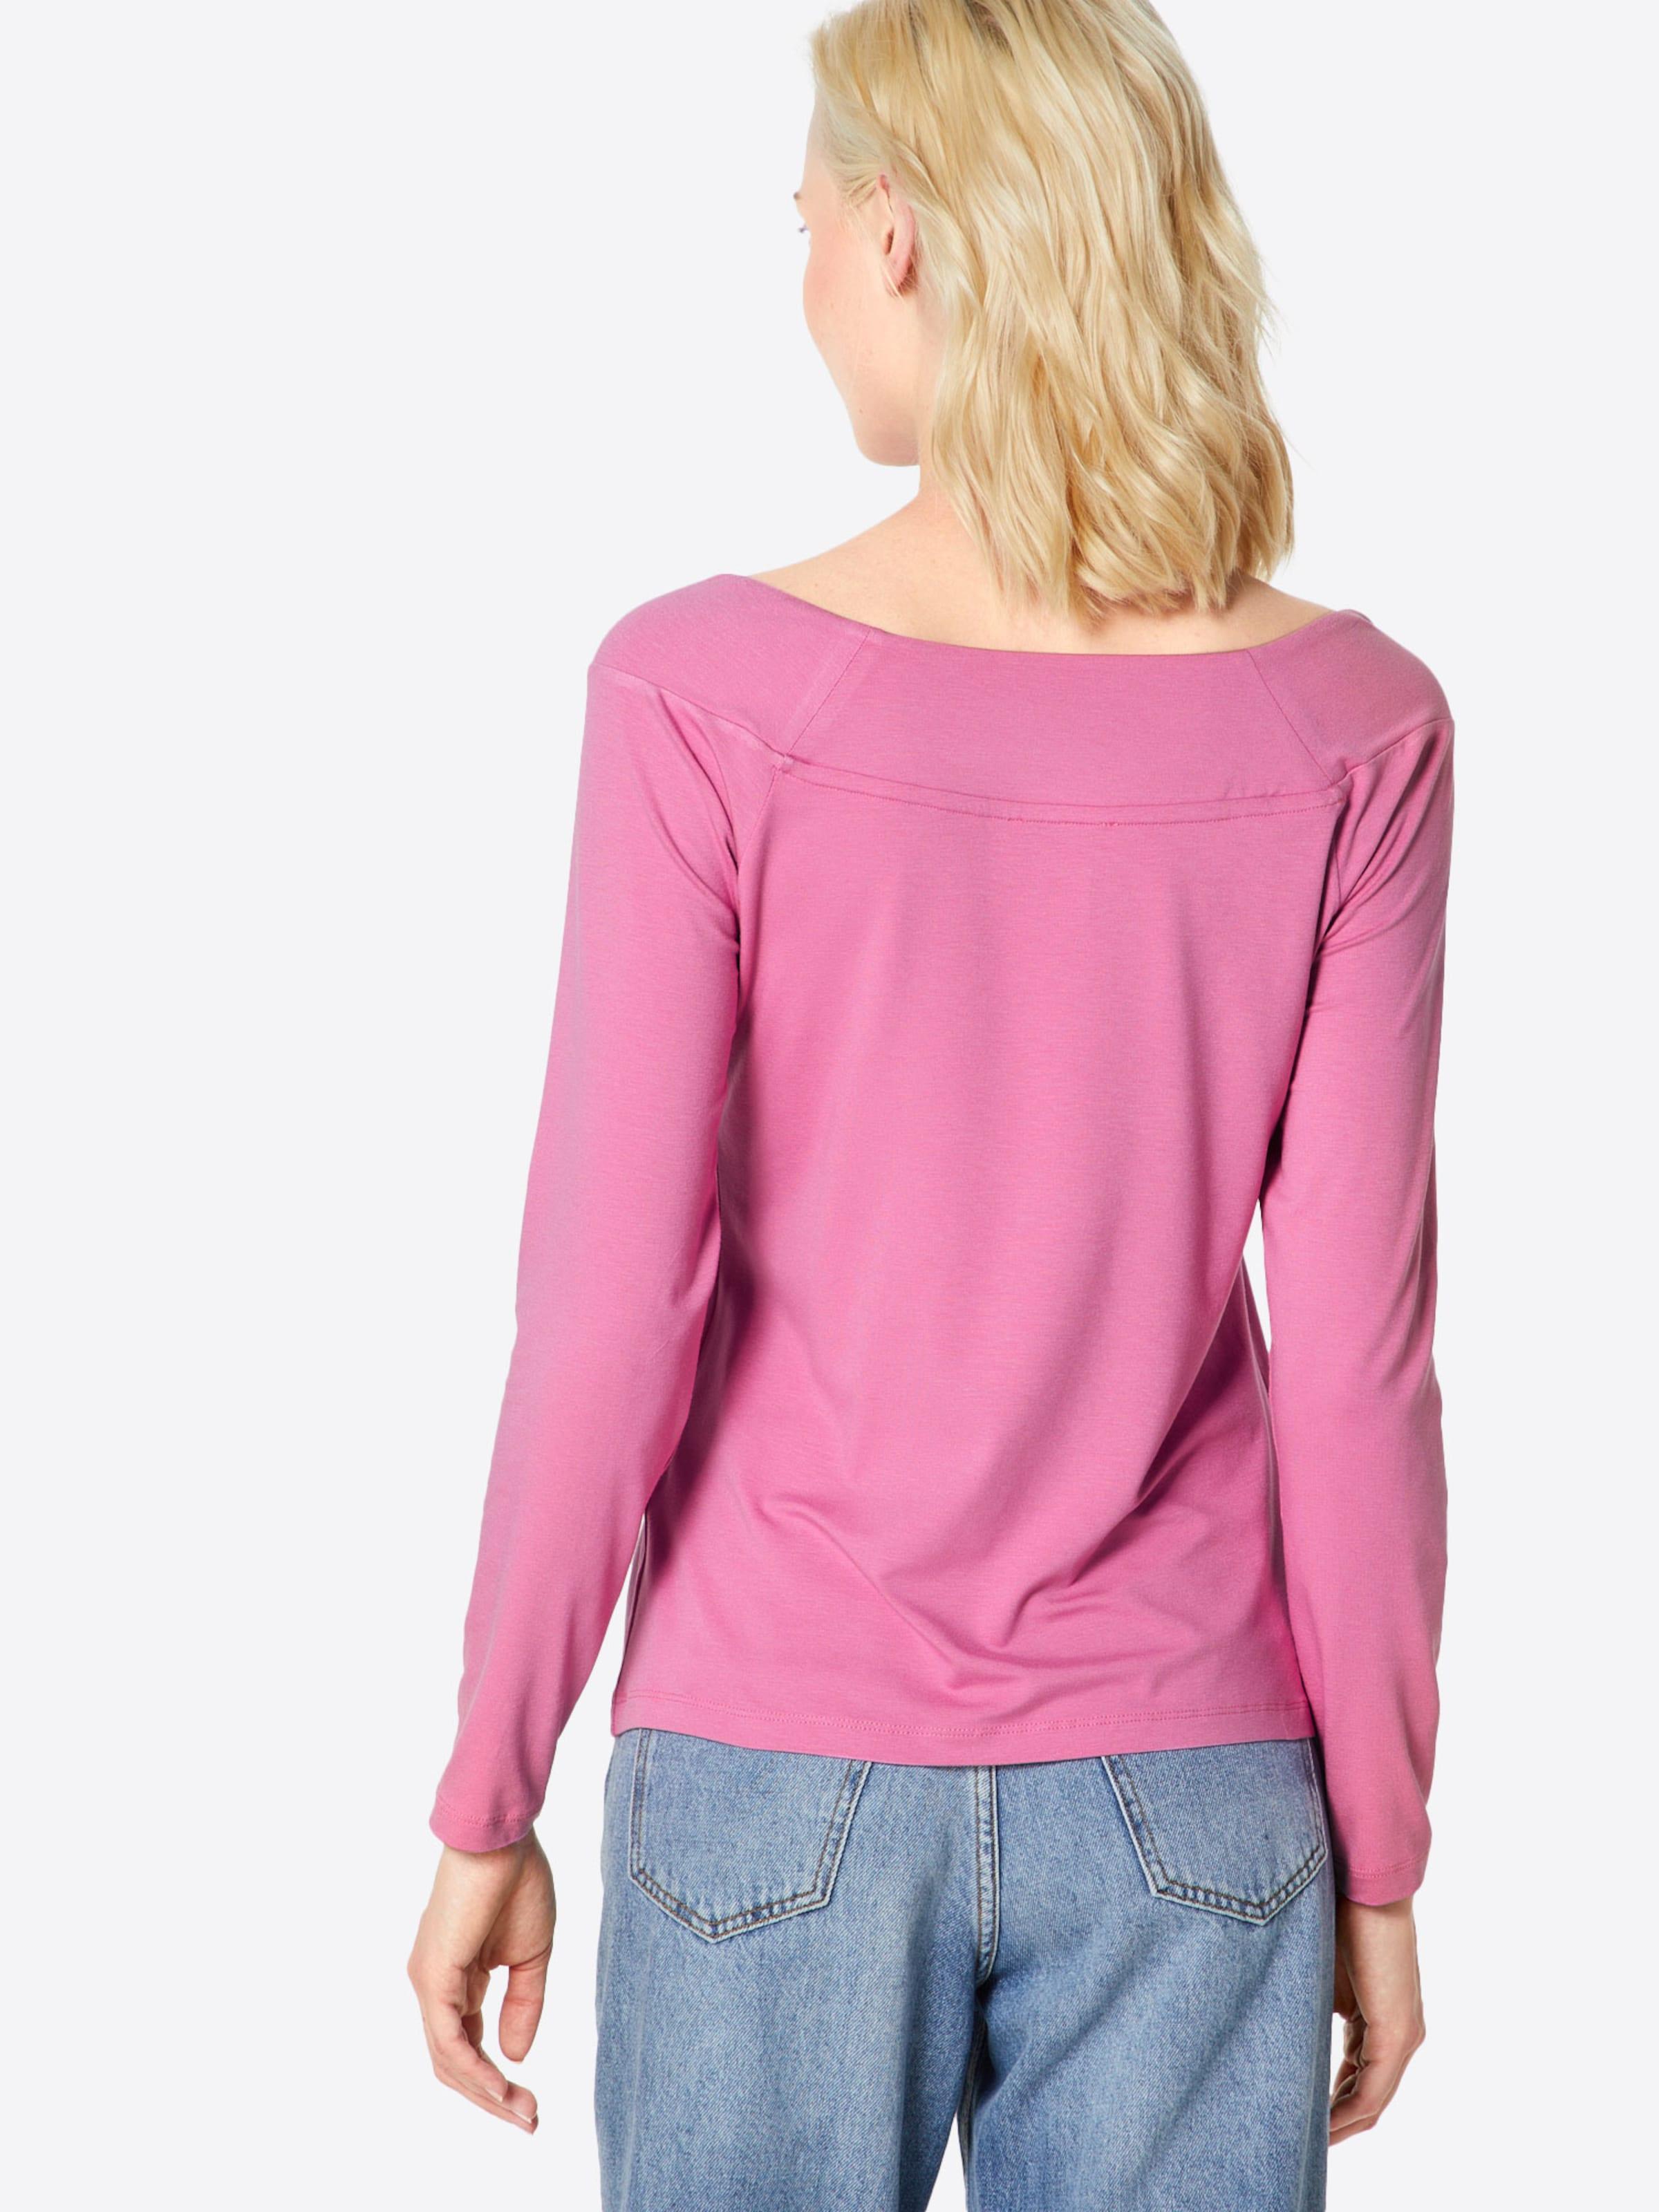 Heine T In Heine Pink Heine Pink Shirt Shirt In T PmnwvNOy80